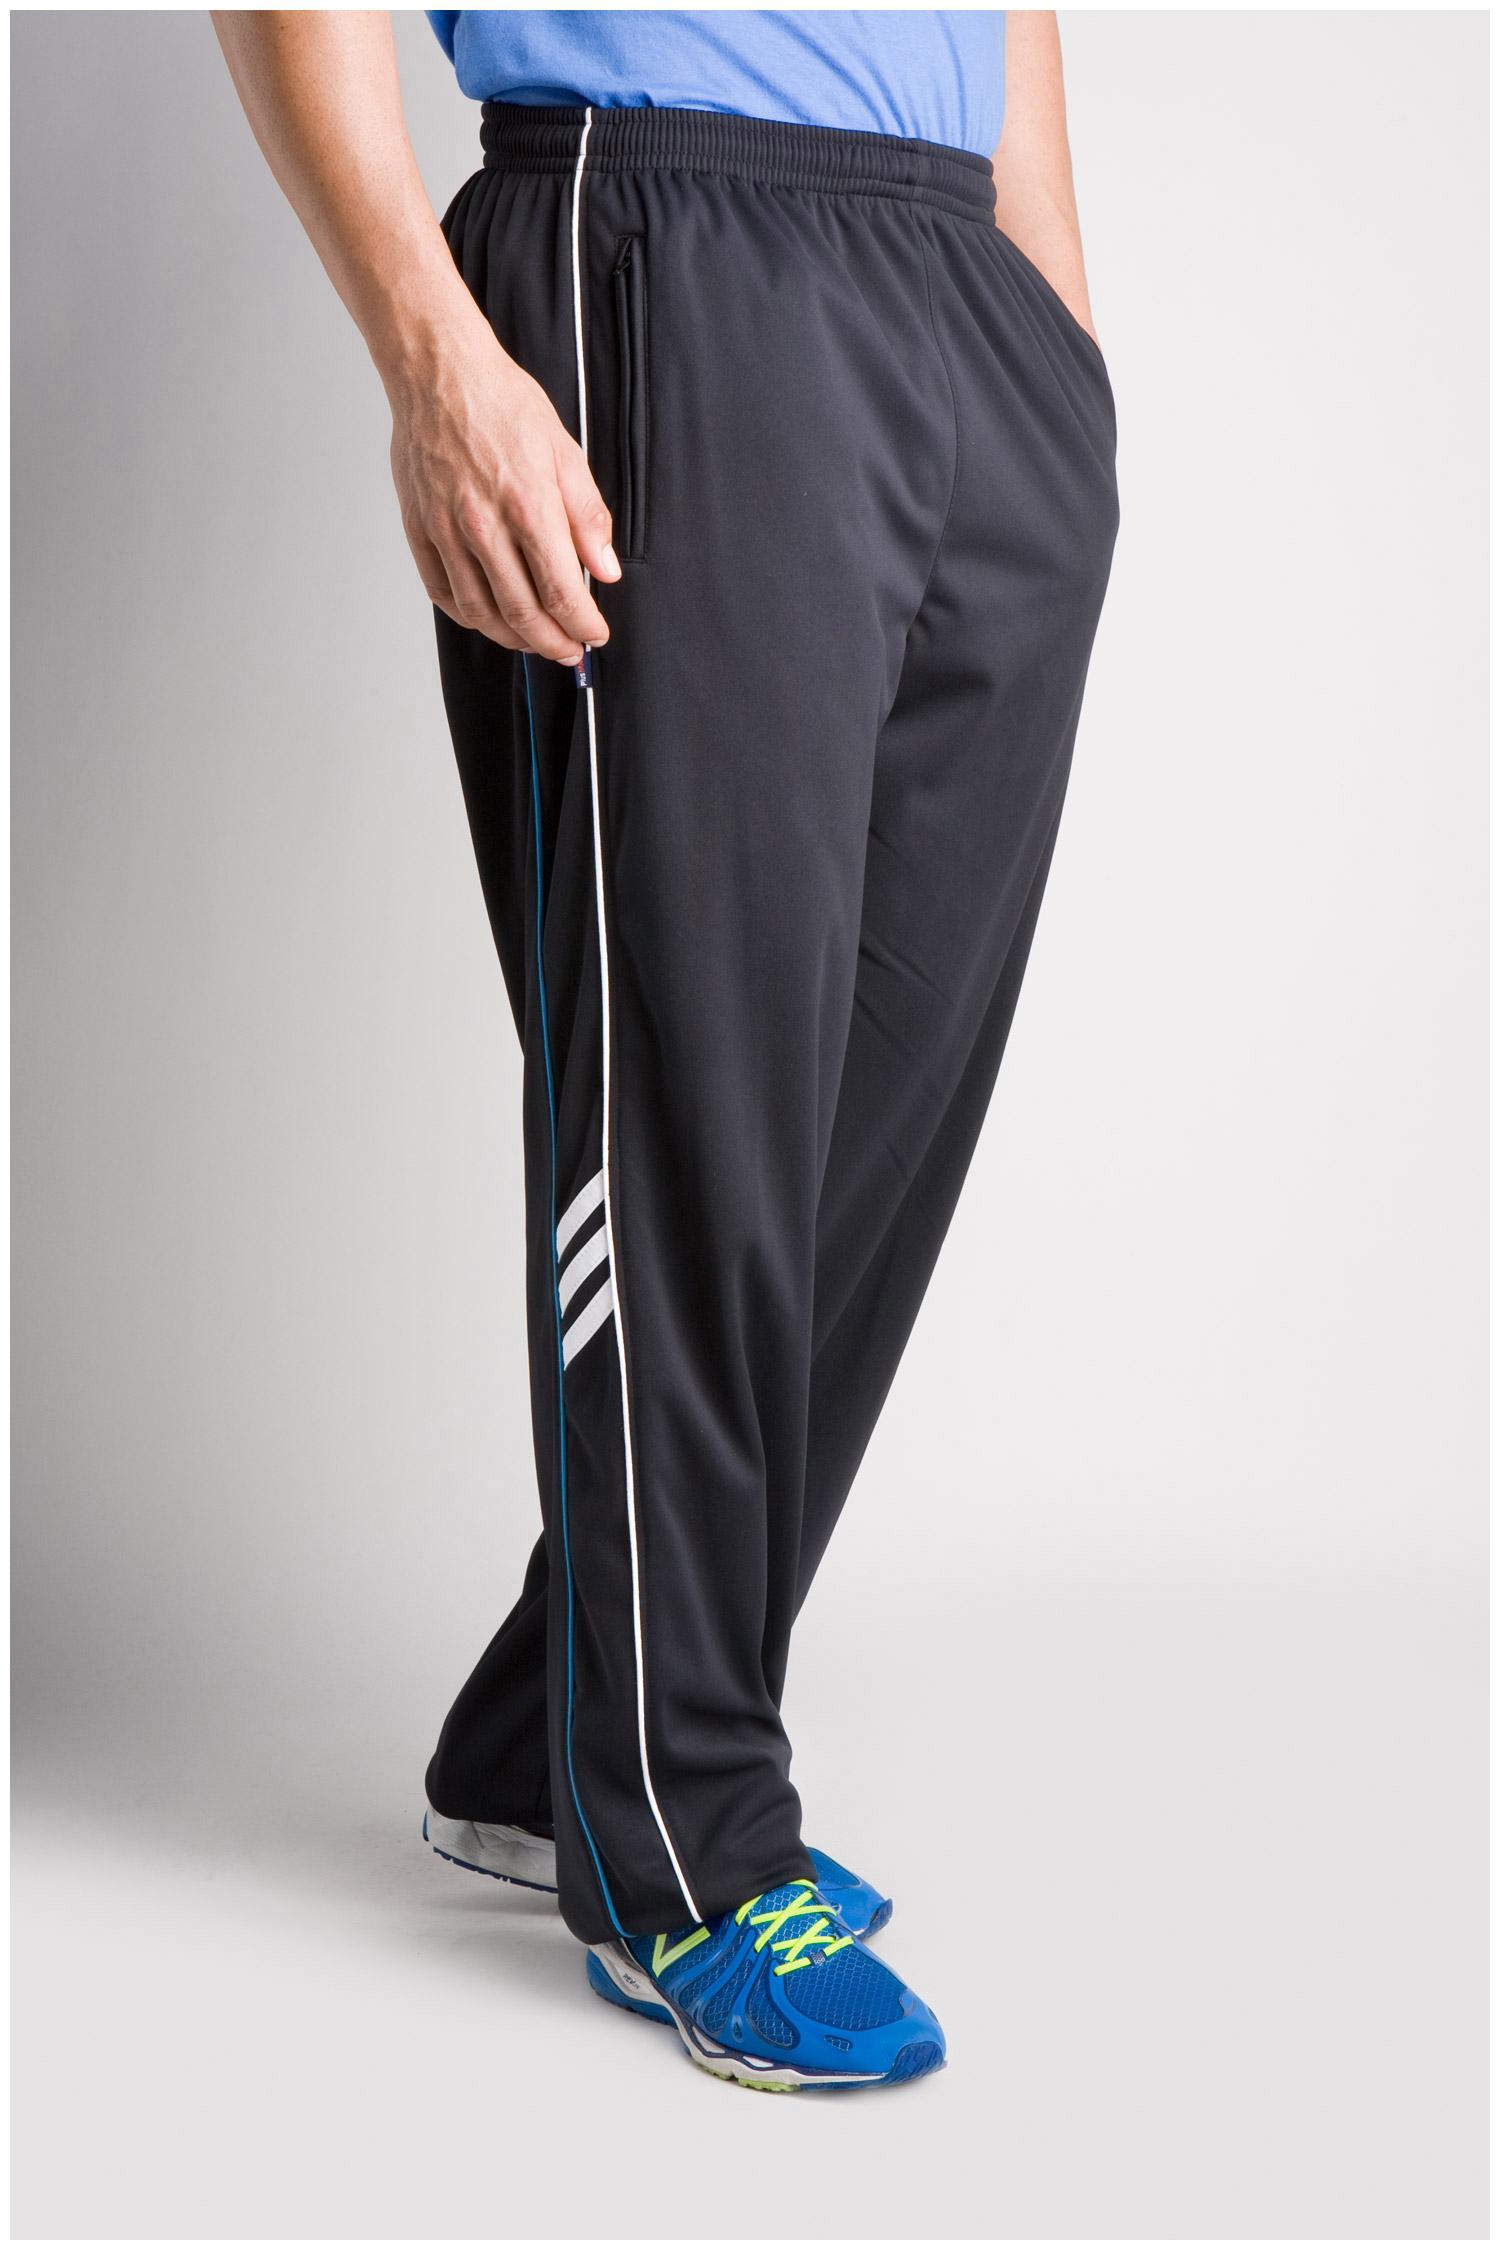 ede76a23a9 Pantalones de Chandal Tallas Grandes Hombre - Ref. 104779